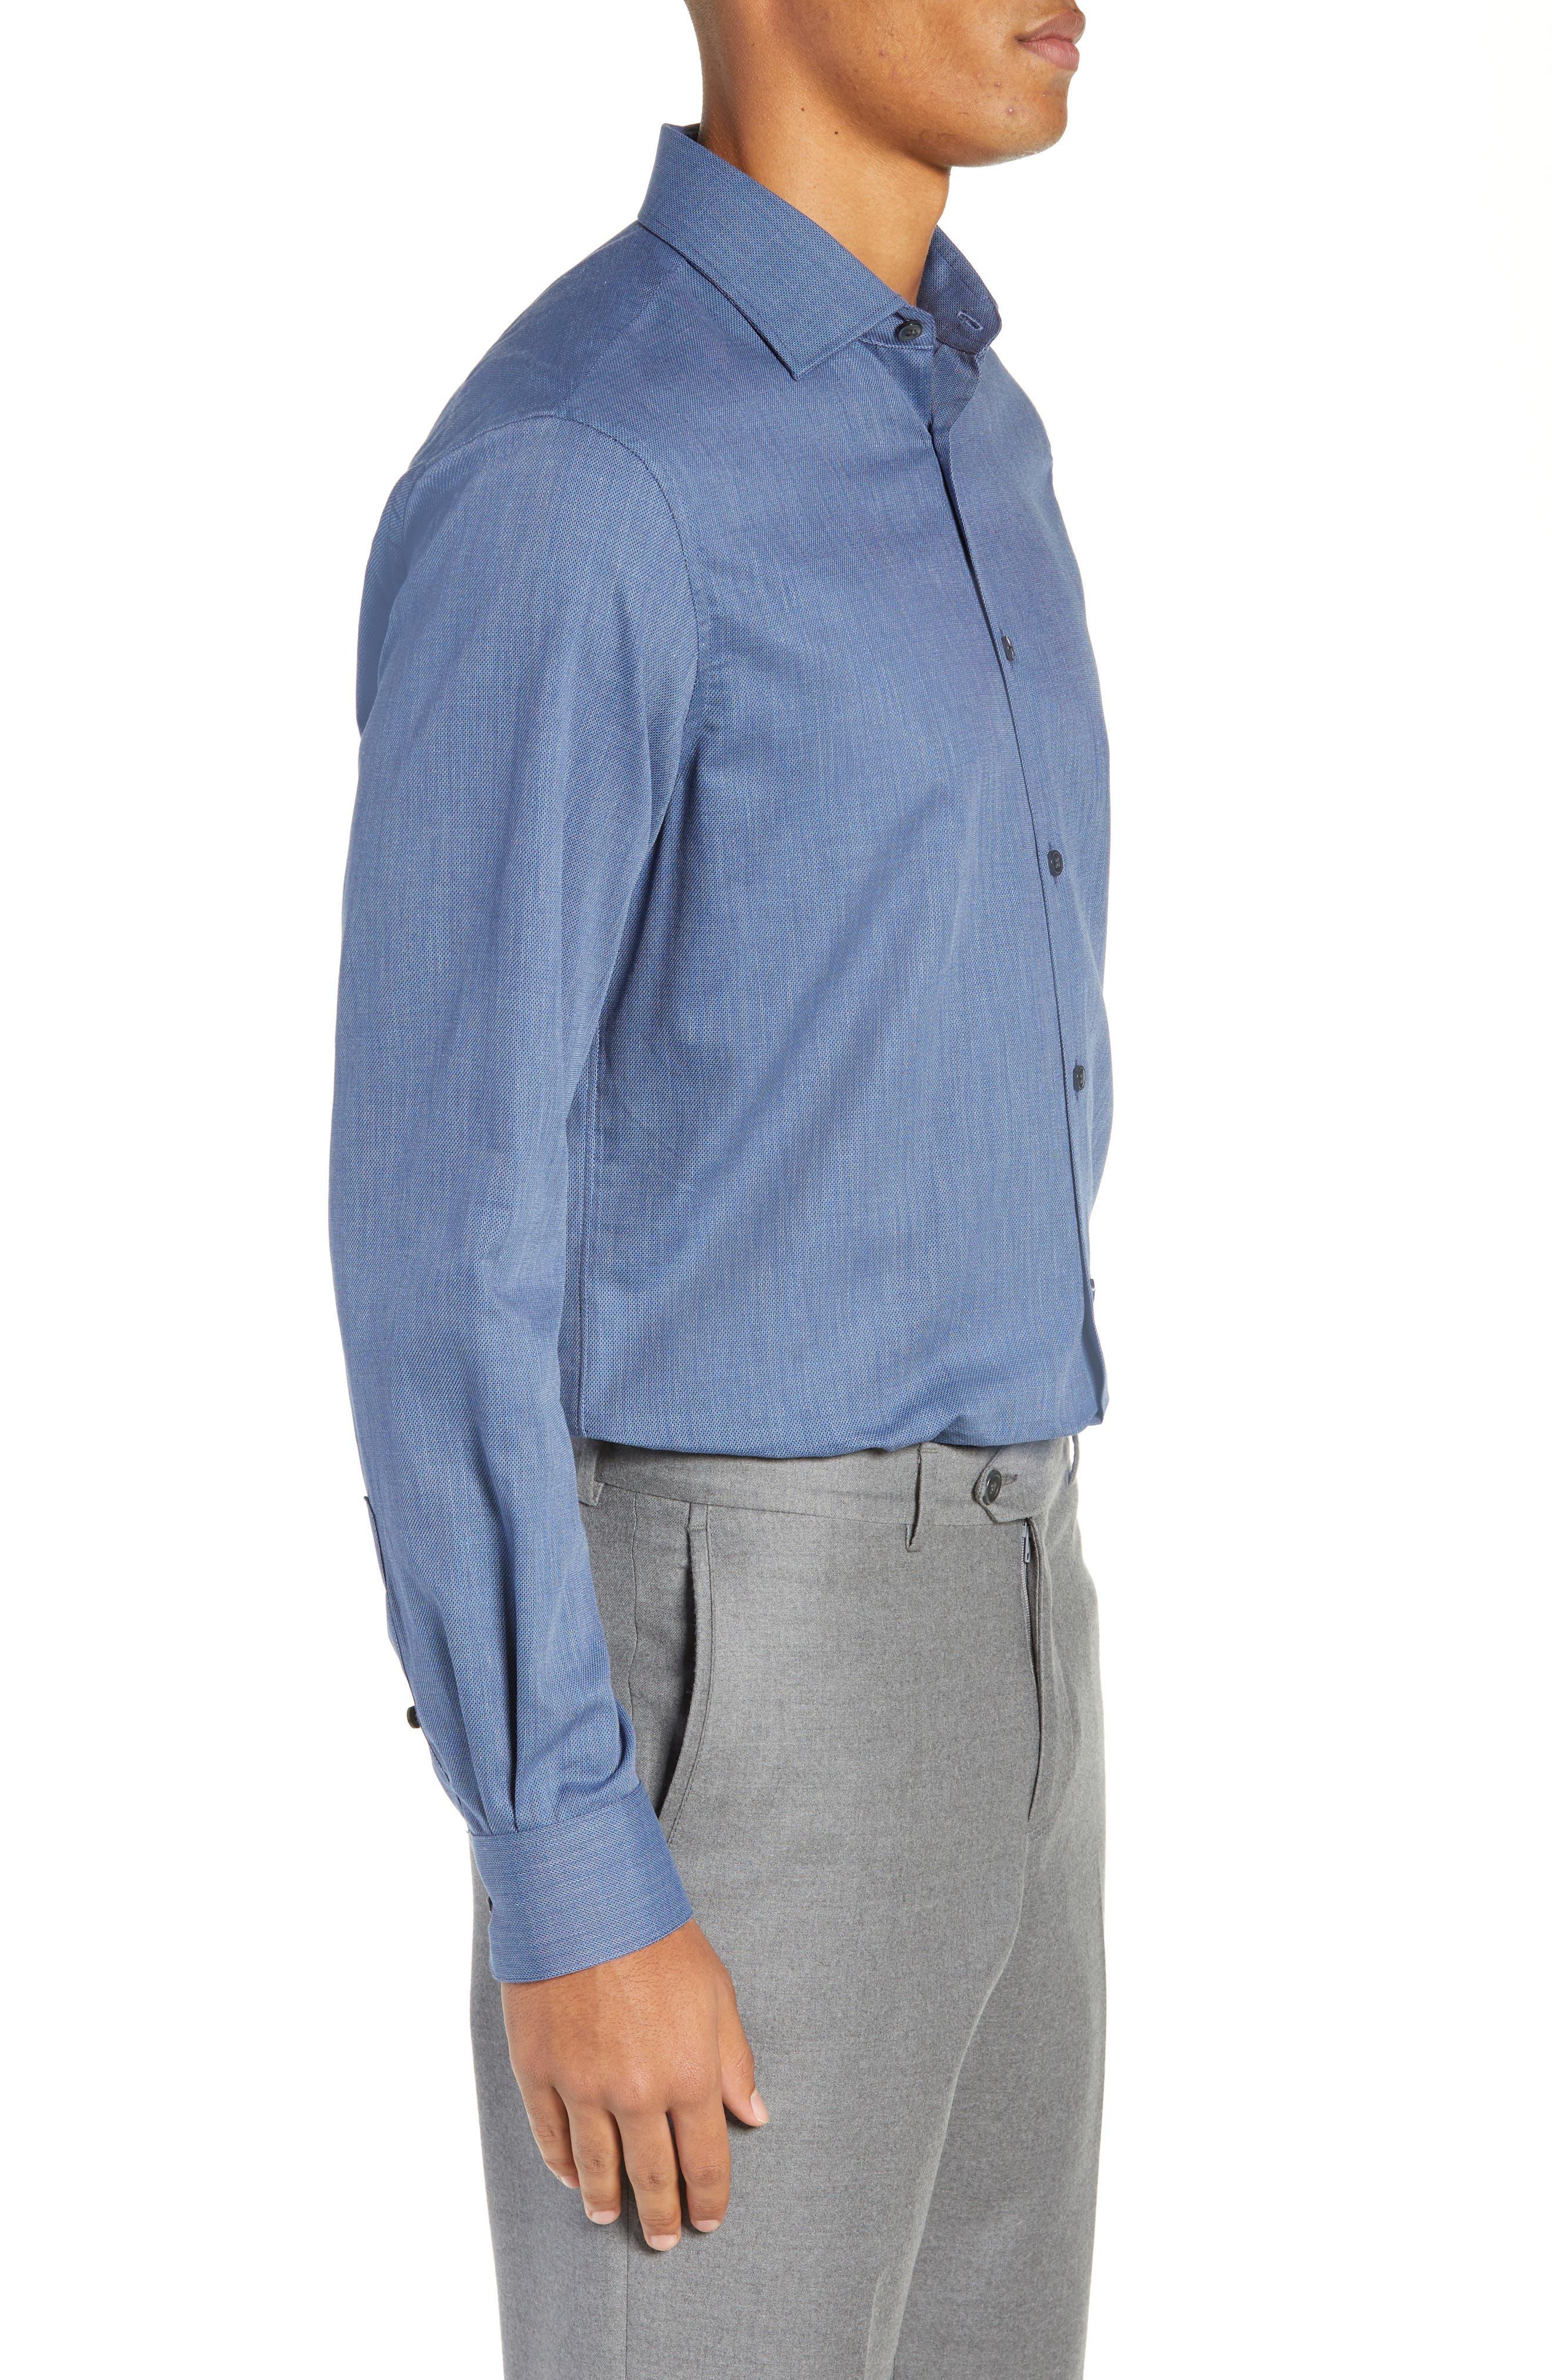 JOHN VARVATOS STAR USA,                             Regular Fit Solid Dress Shirt,                             Alternate thumbnail 4, color,                             415